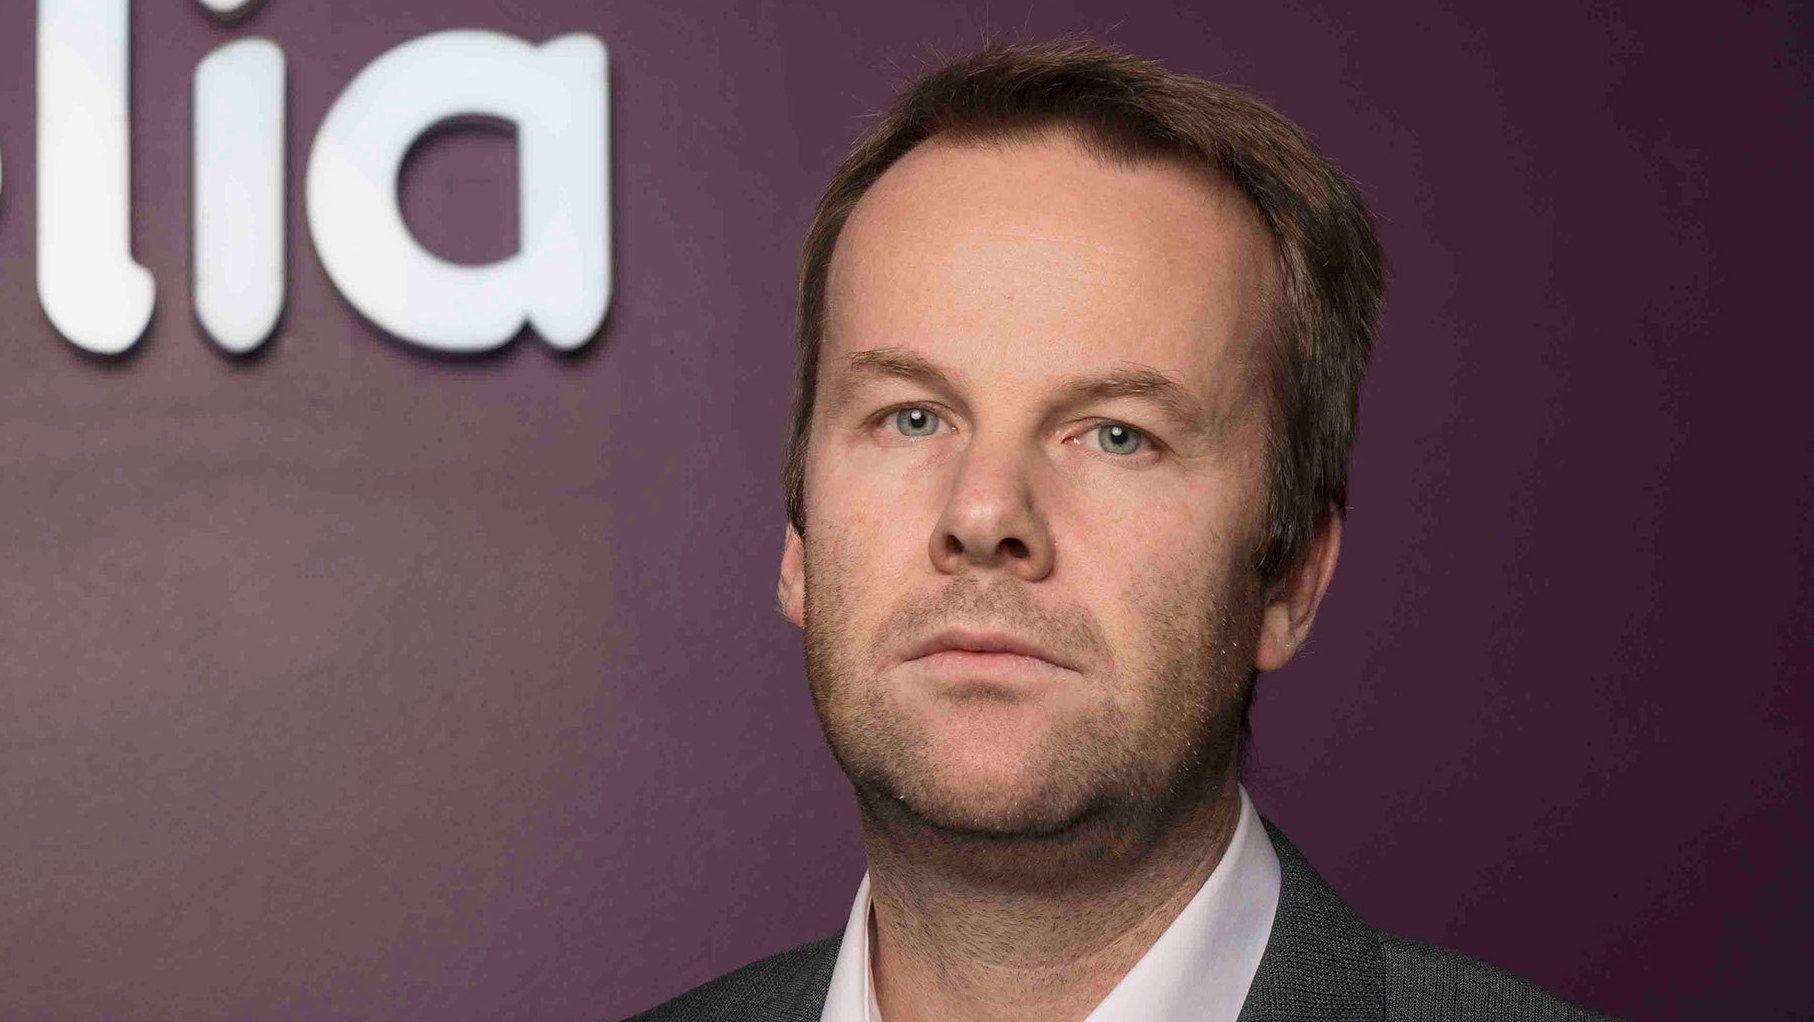 Kommunikasjonsdirektør Henning Lunde i Telia sier forbeholdet i tilbudet tvinges fram av reglene om nettnøytralitet. Bilde: Telia